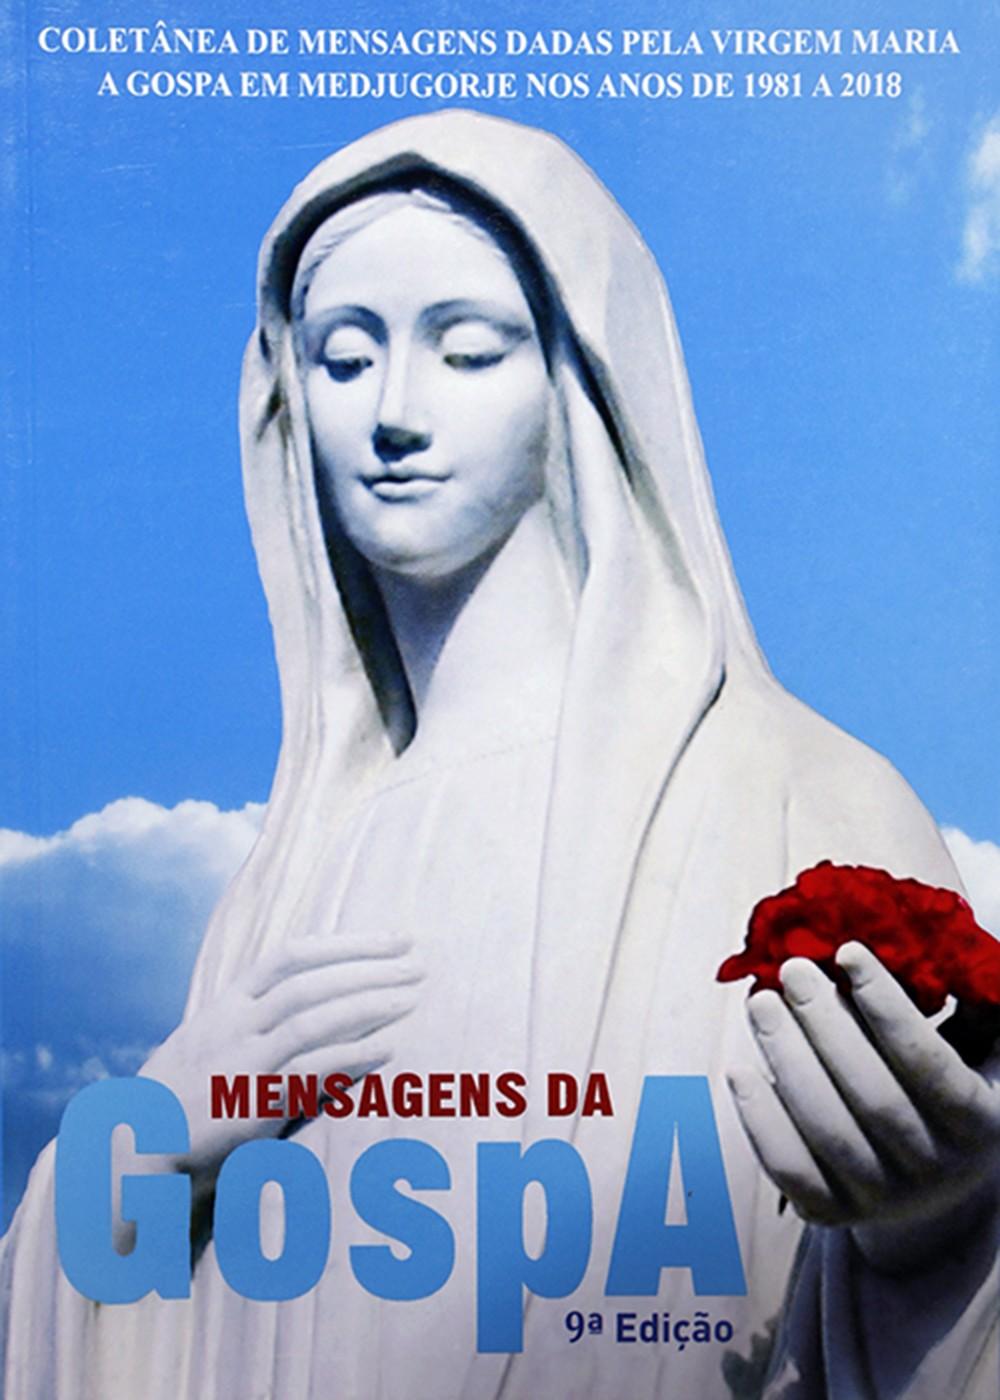 Foto 1 - Livro de Mensagens da Gospa